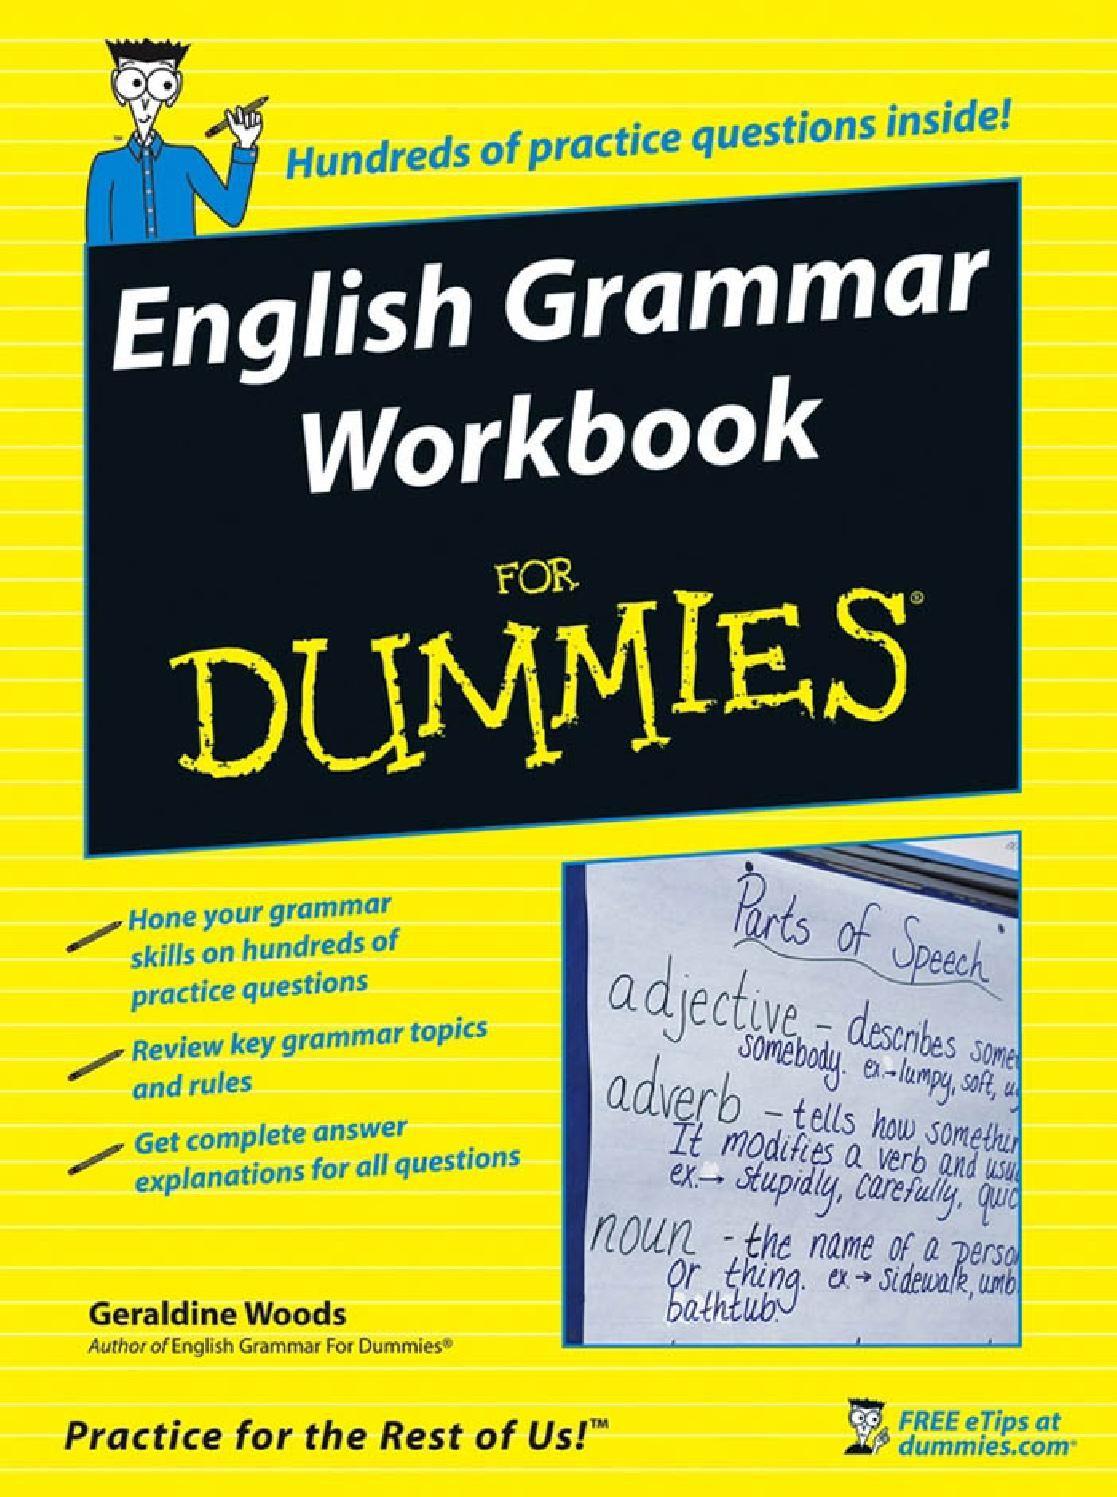 English grammar workbook for dummies | English grammar, Language ...